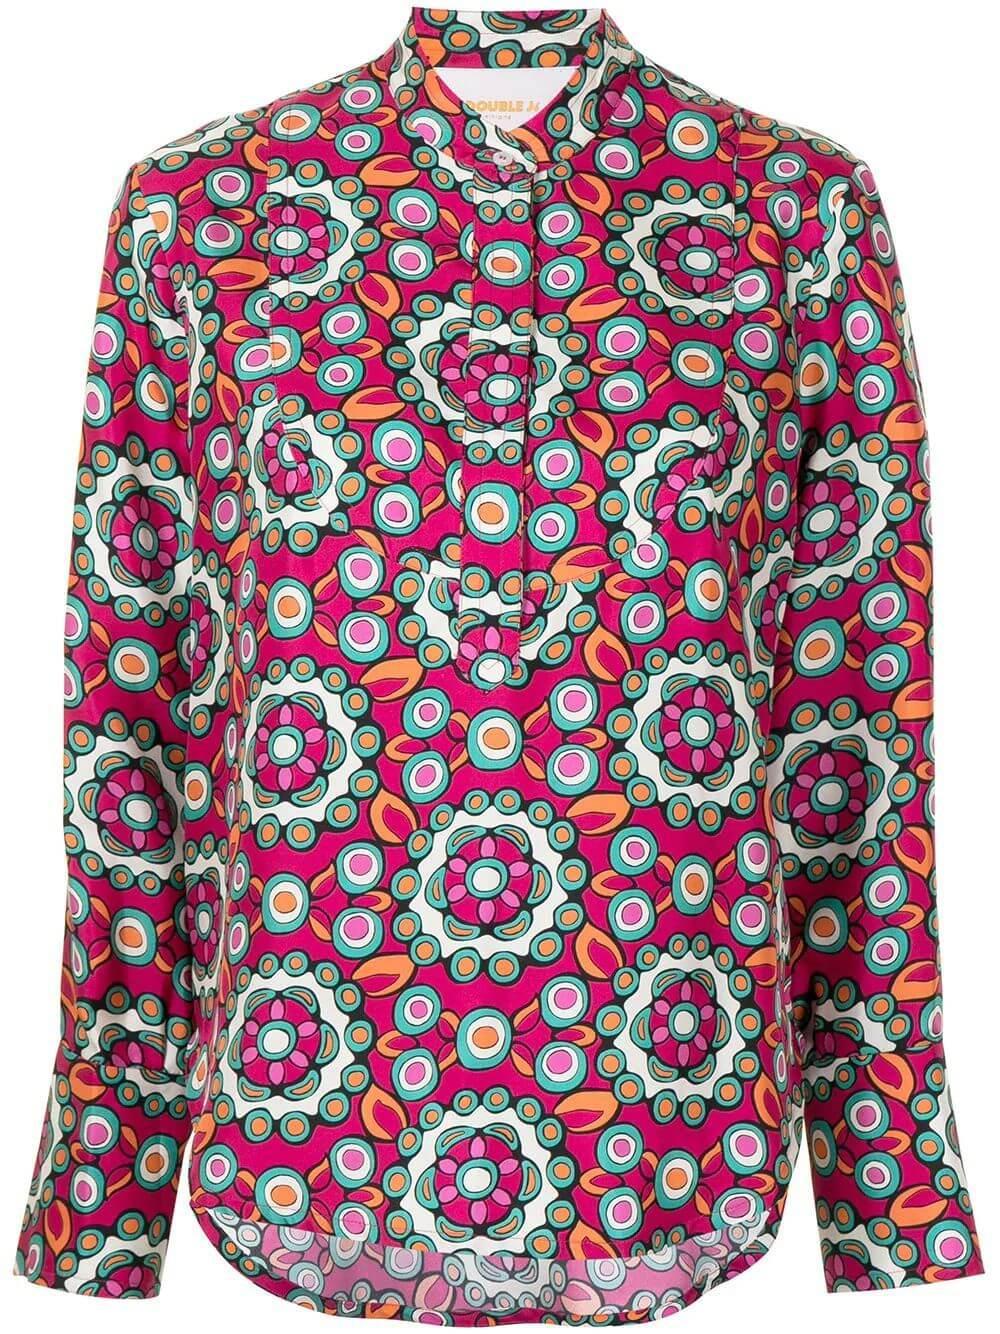 Portofino Printed Shirt Item # SHI0046-SIL001-S21